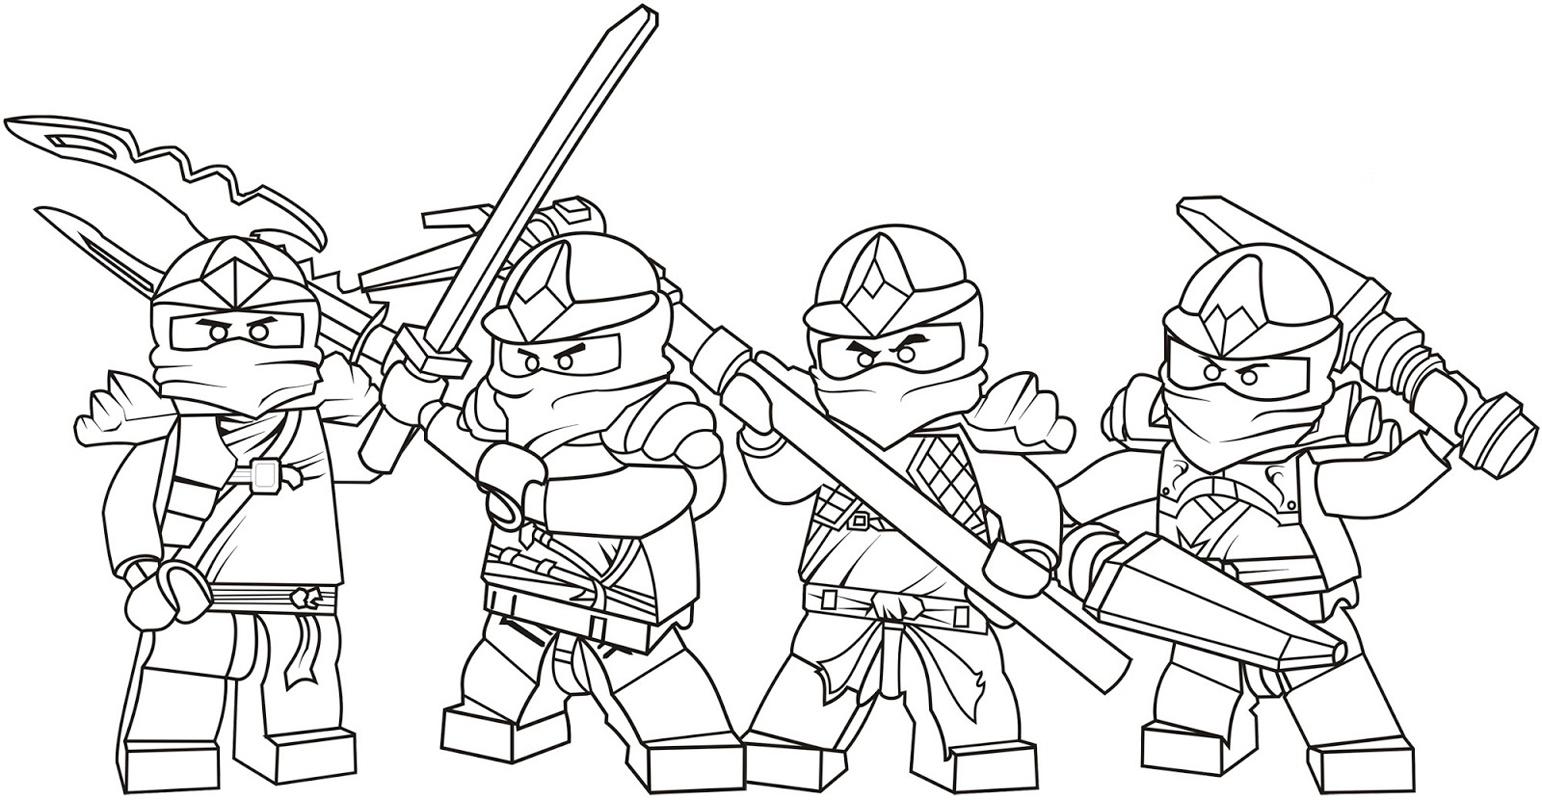 Ausmalbilder Lego Ninja Top Kostenlos Färbung Seite Advents Bilder